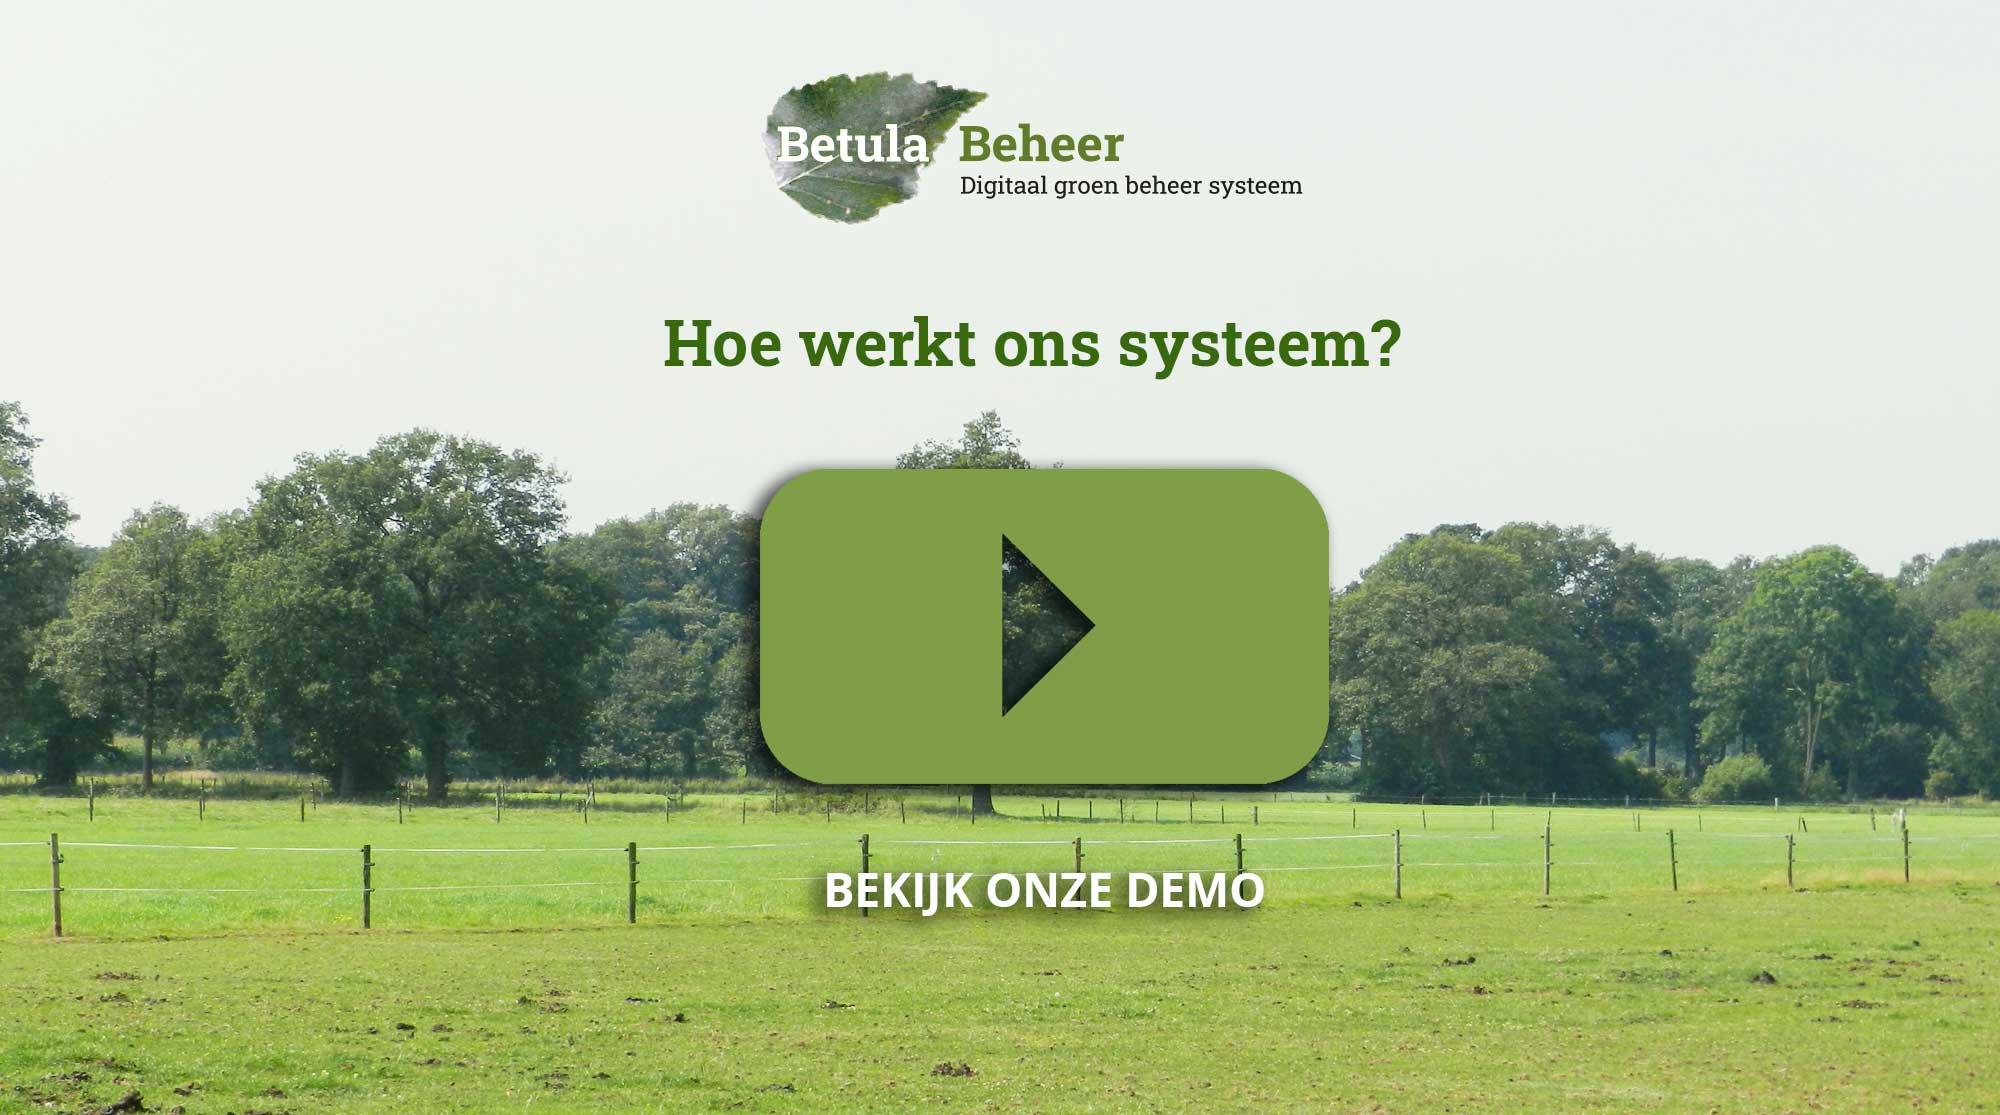 Afbeelding van een placeholder voor de demofilm van Betula-Beheer